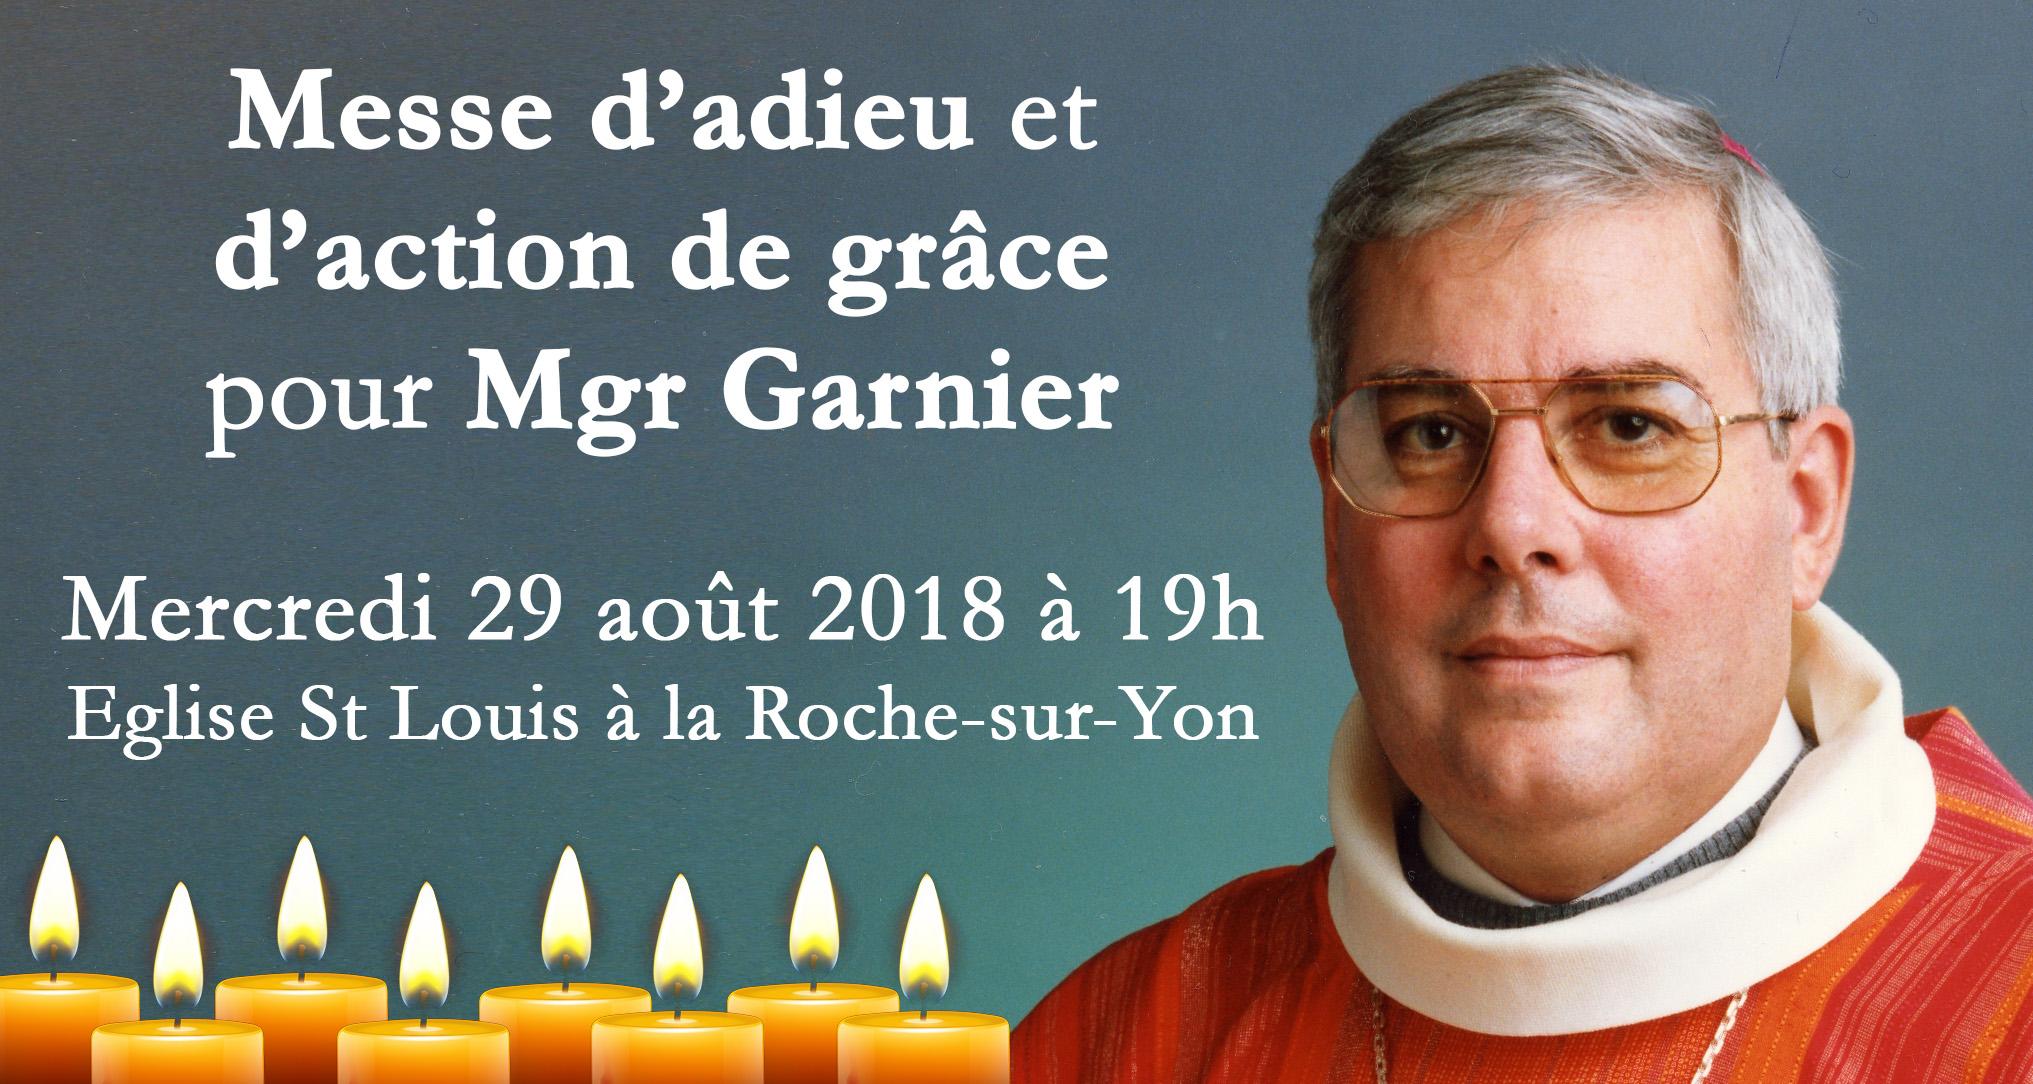 Messe d'adieu et d'action de grâce pour Mgr Garnier le 29 août 2018 à La Roche-sur-Yon (85)